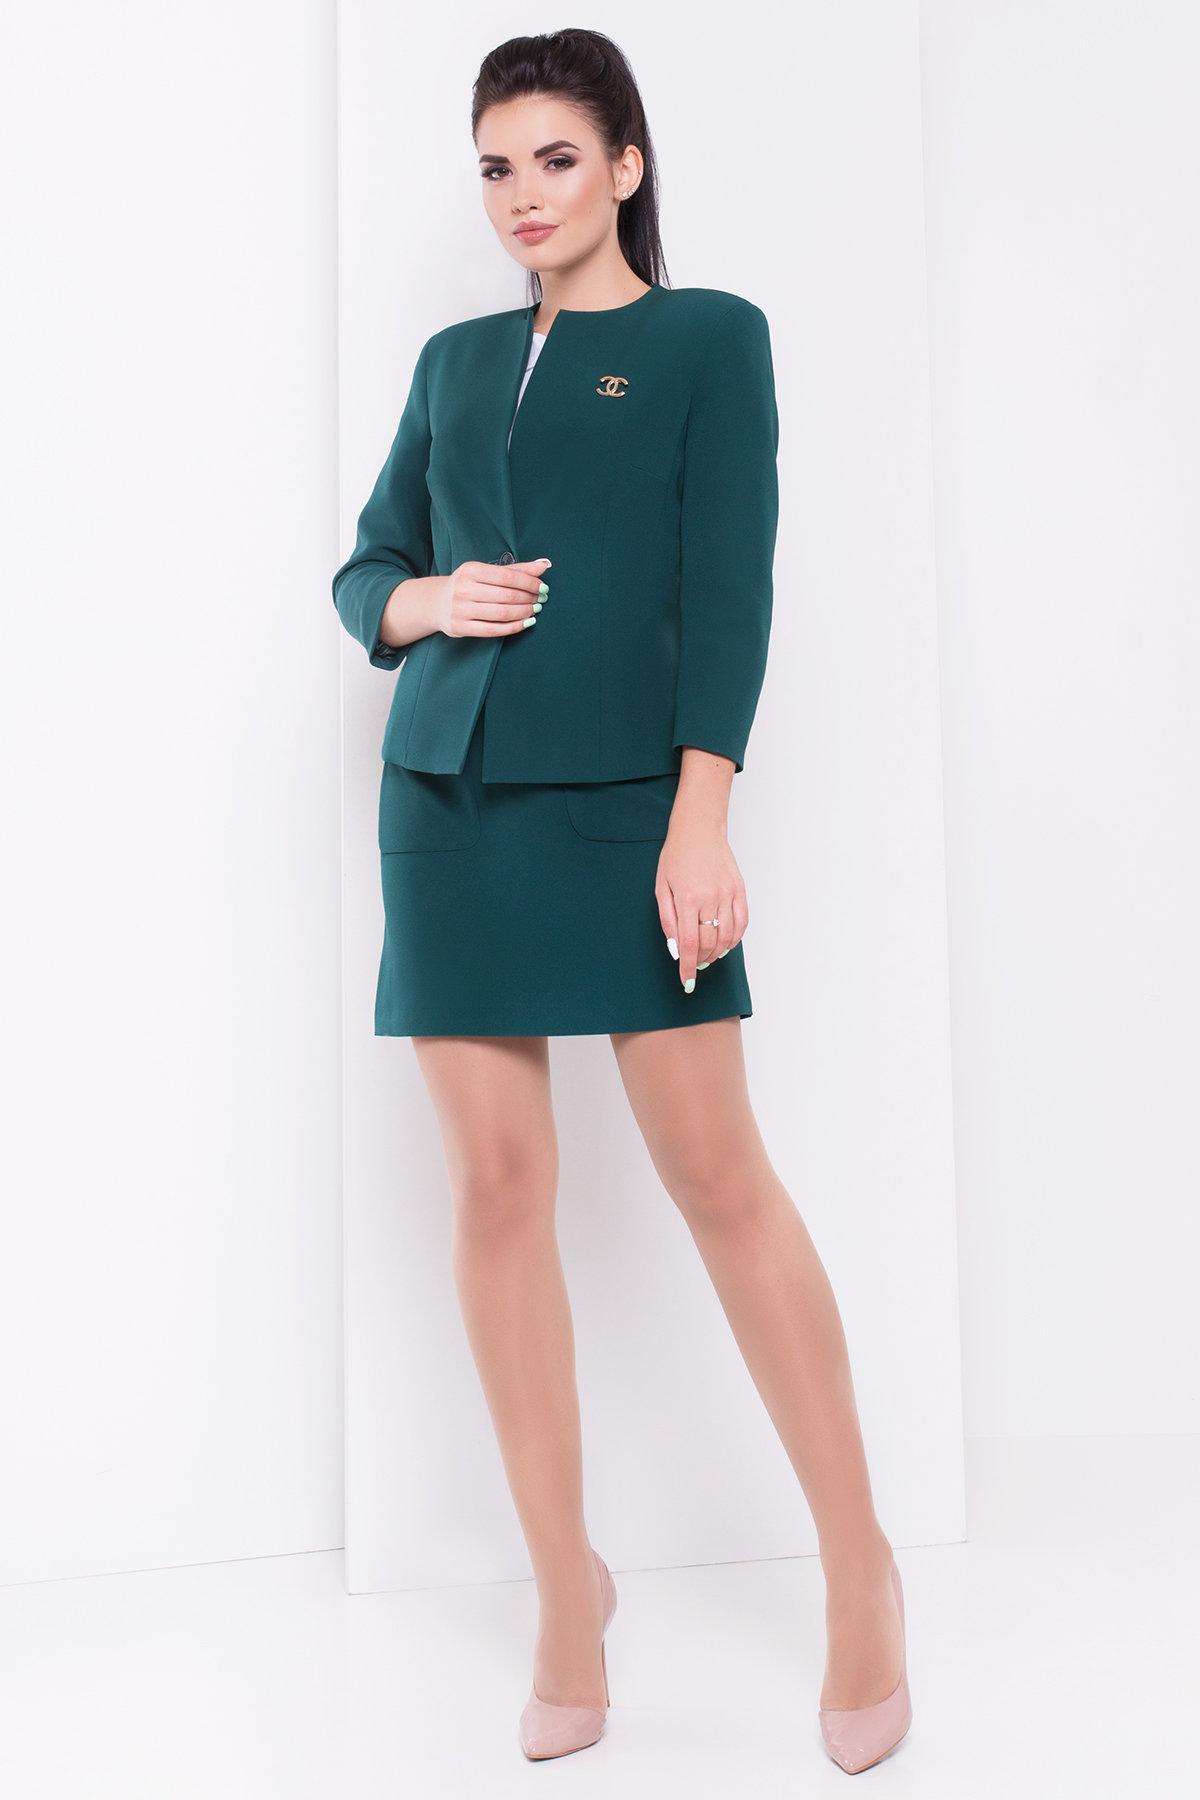 Жакет Земфира 2758 АРТ. 16789 Цвет: Темно-зеленый - фото 2, интернет магазин tm-modus.ru